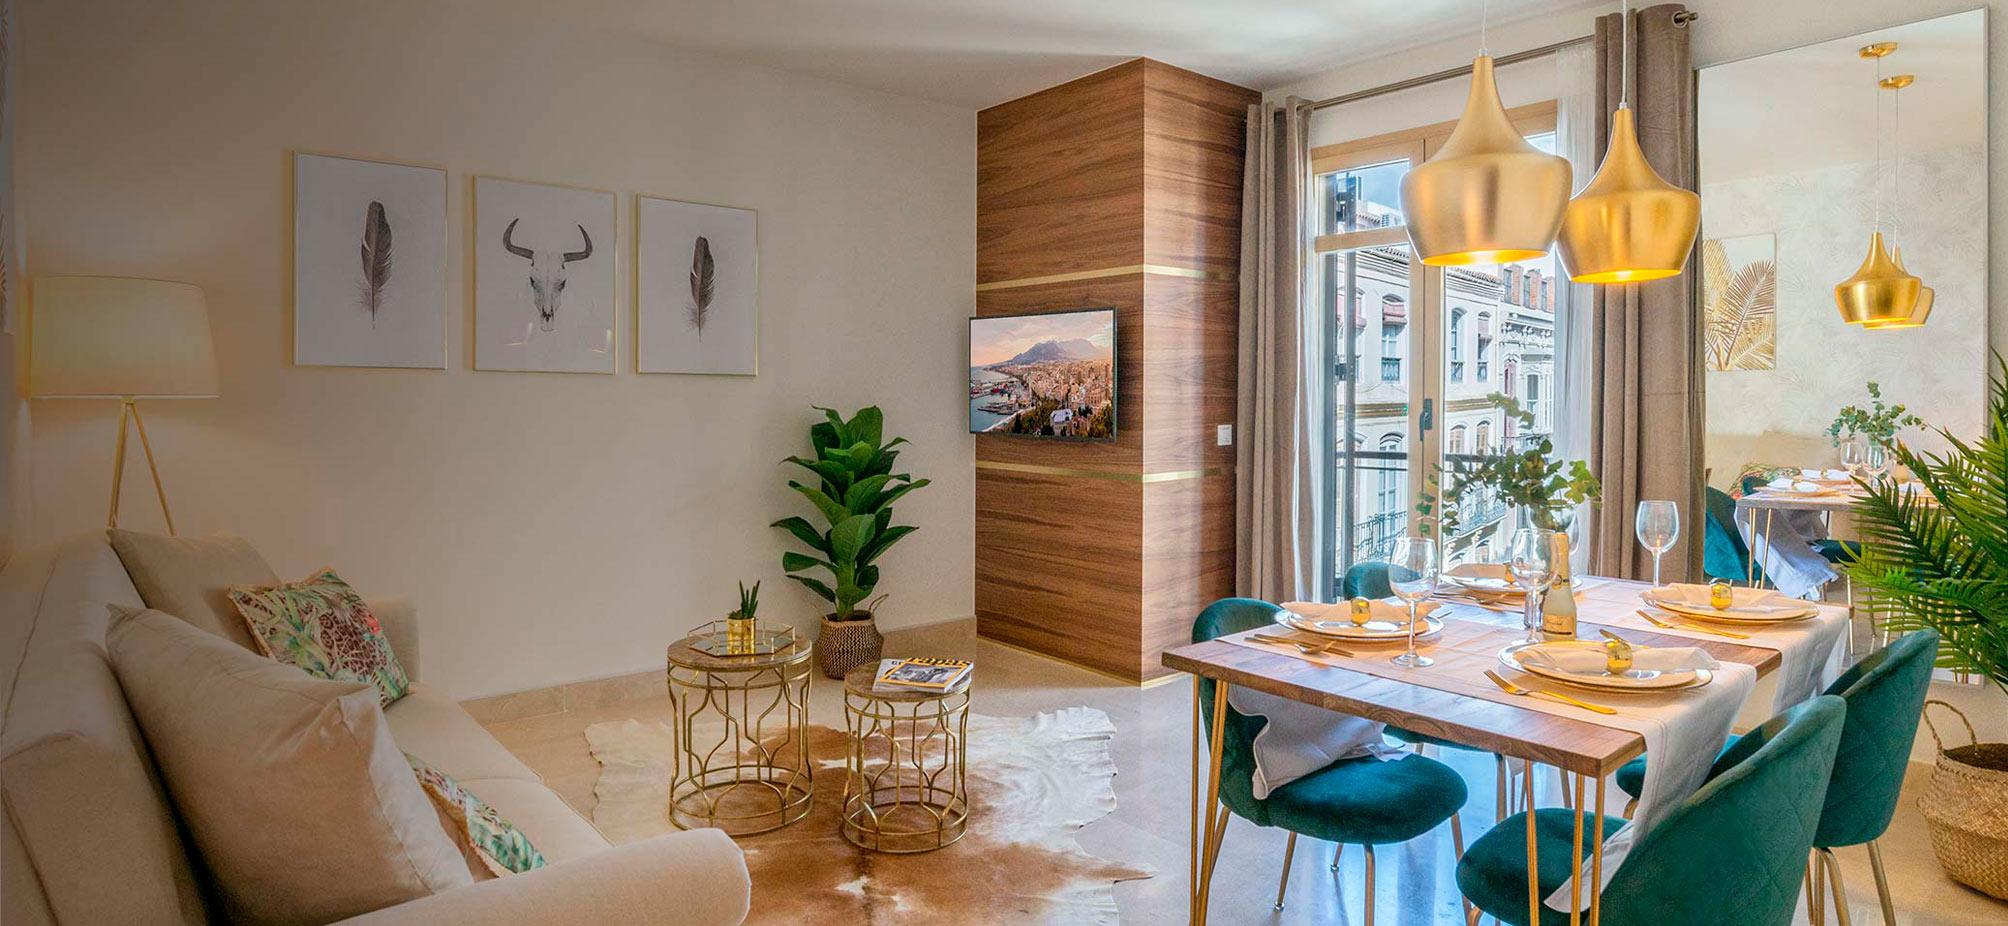 Diseño de interiores y decoración para apartamentos vacacionales en málaga